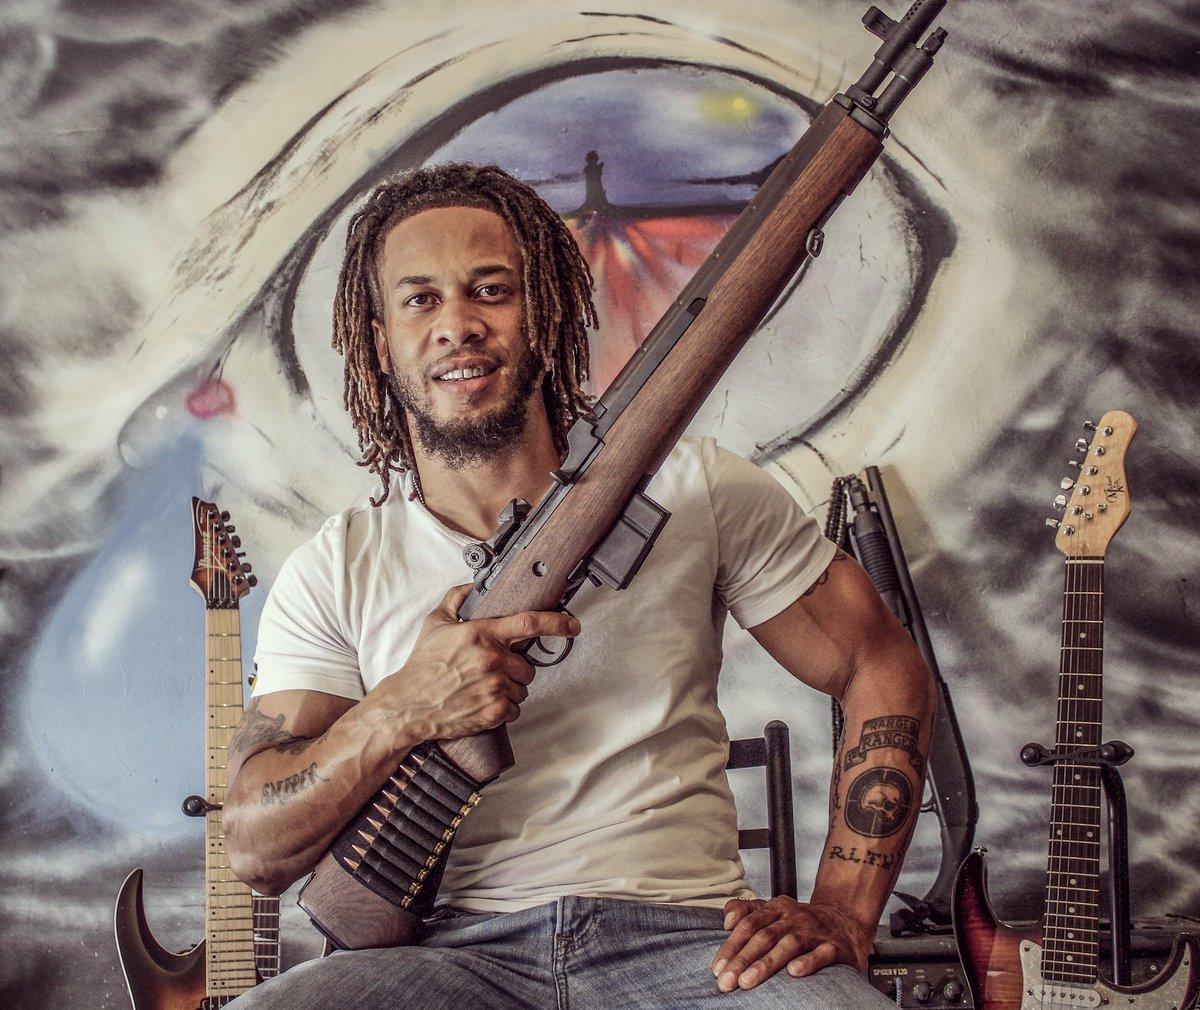 'O ceifeiro', um dos maiores atiradores de elite da história do exército norte americano